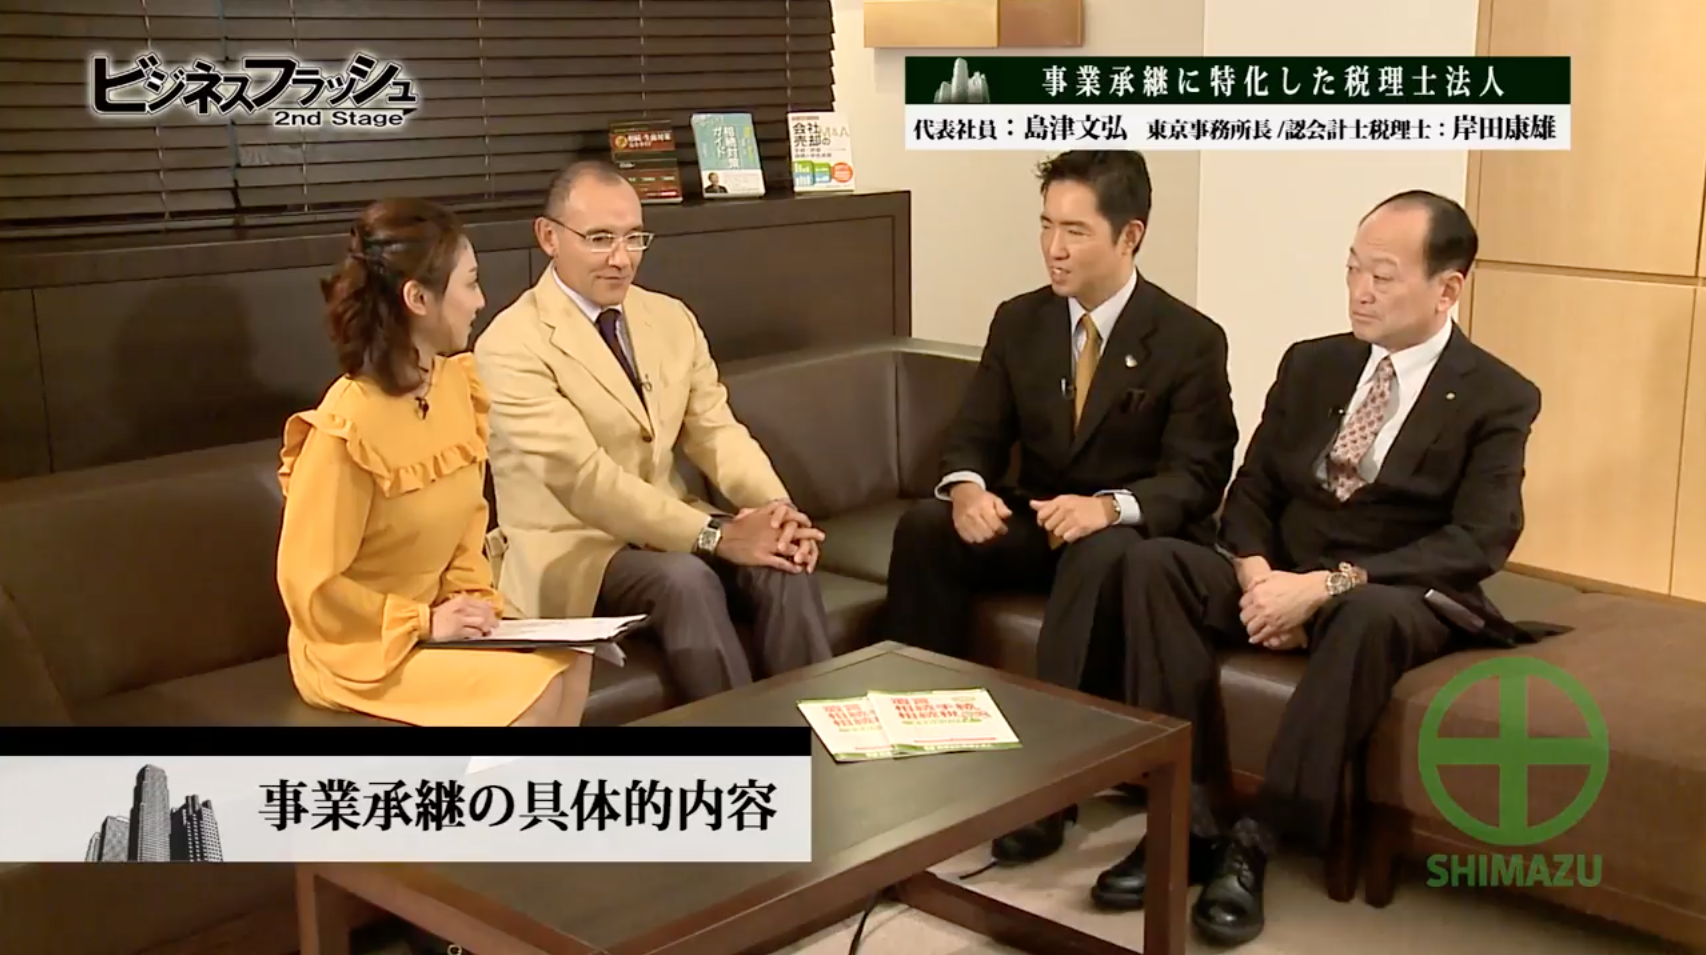 【お知らせ】11月26日放送千葉テレビ「ビジネスフラッシュ 2nd Stage」出演のお知らせ